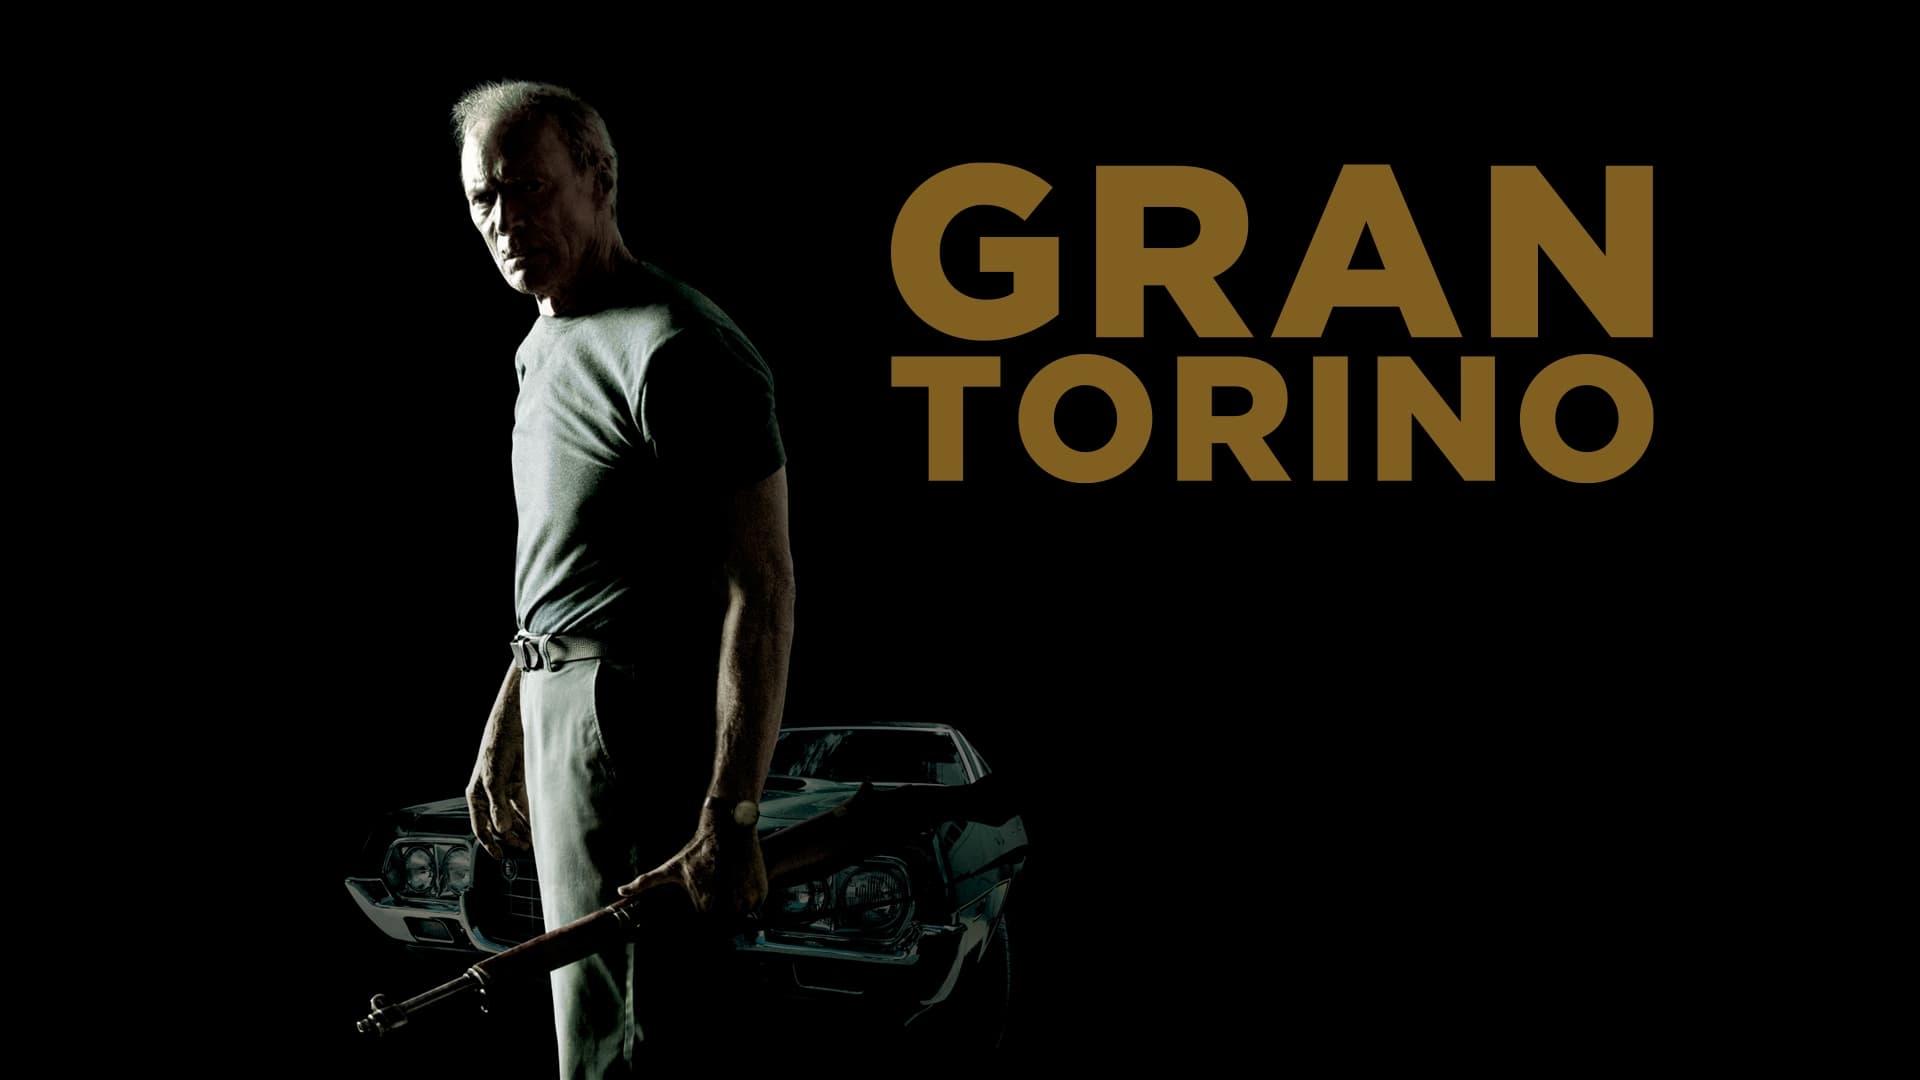 Gran Torino Movie